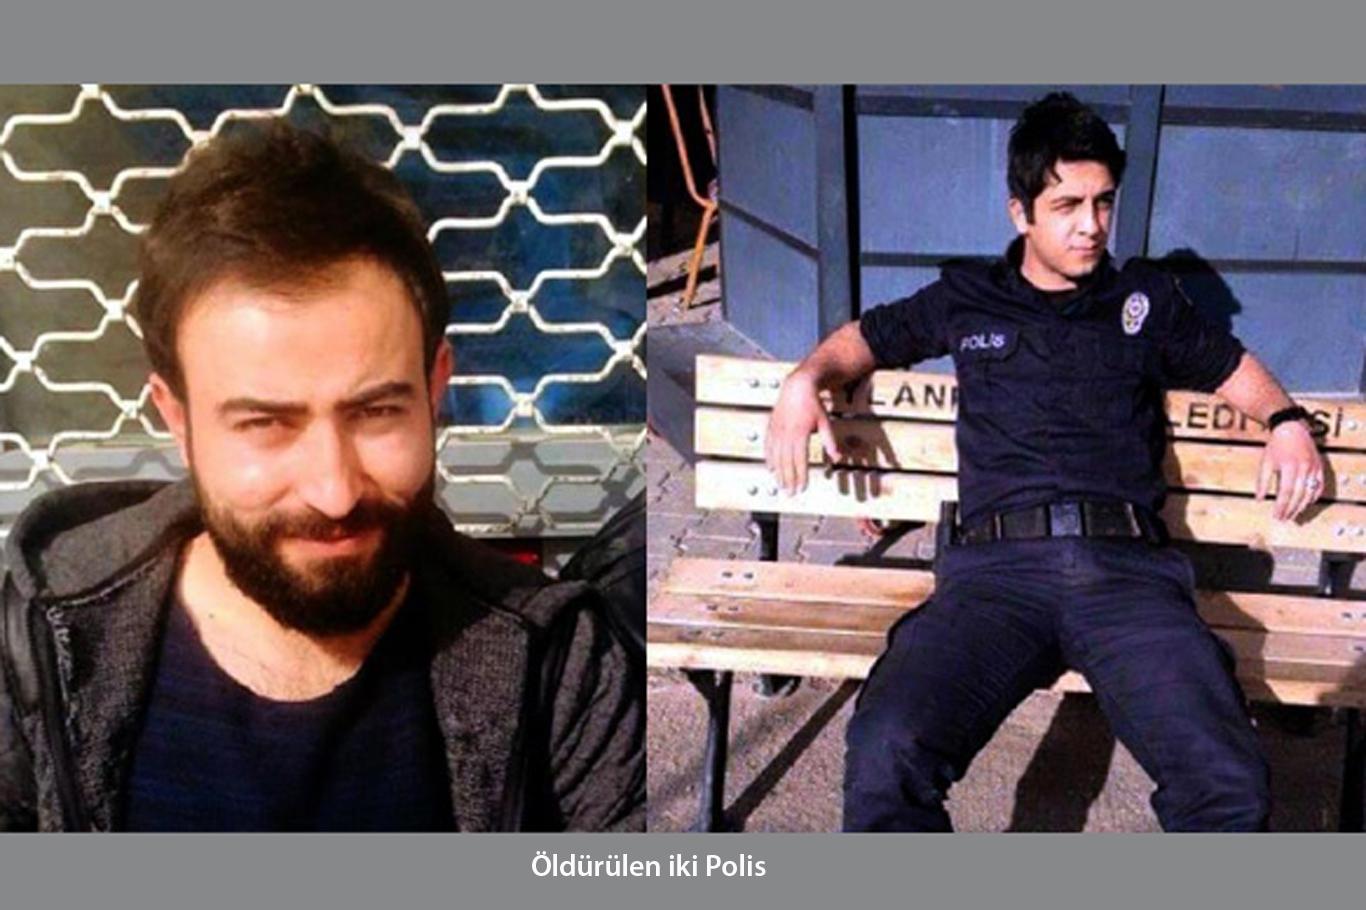 Ceylanpınar'da 2 polisin vurulması olayında bir tutuklama daha